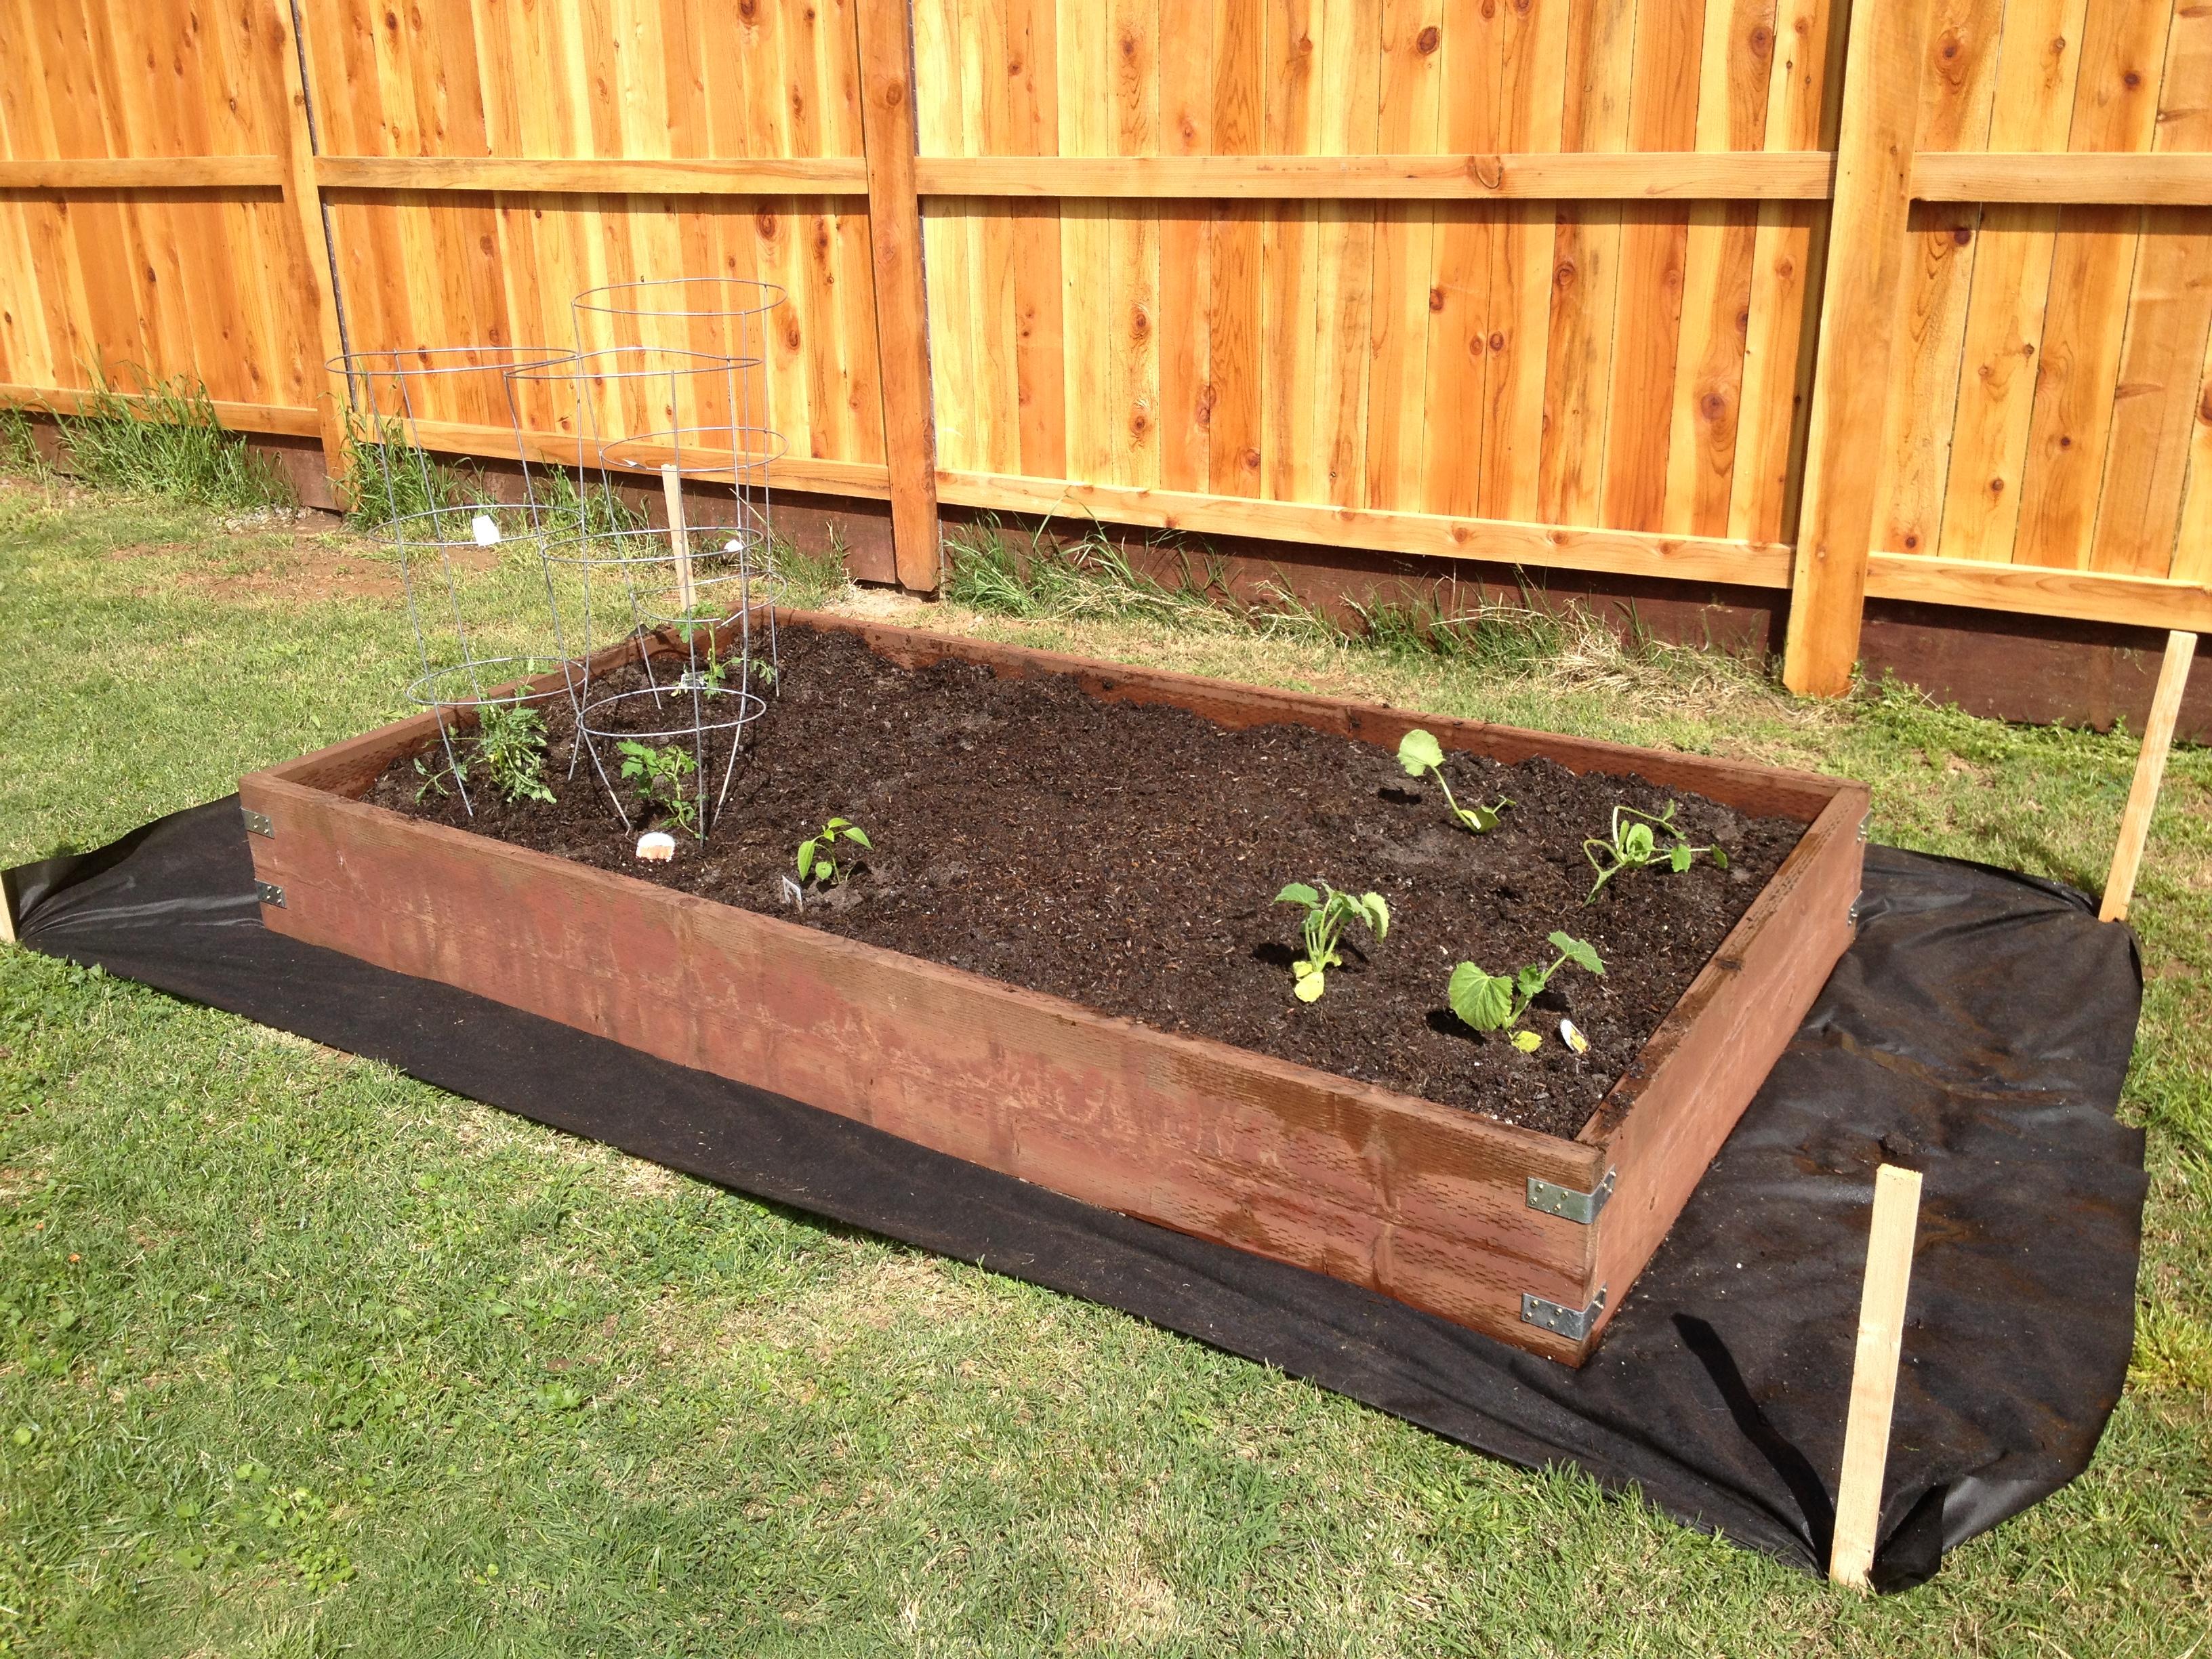 vegetable garden box ideas photo - 6